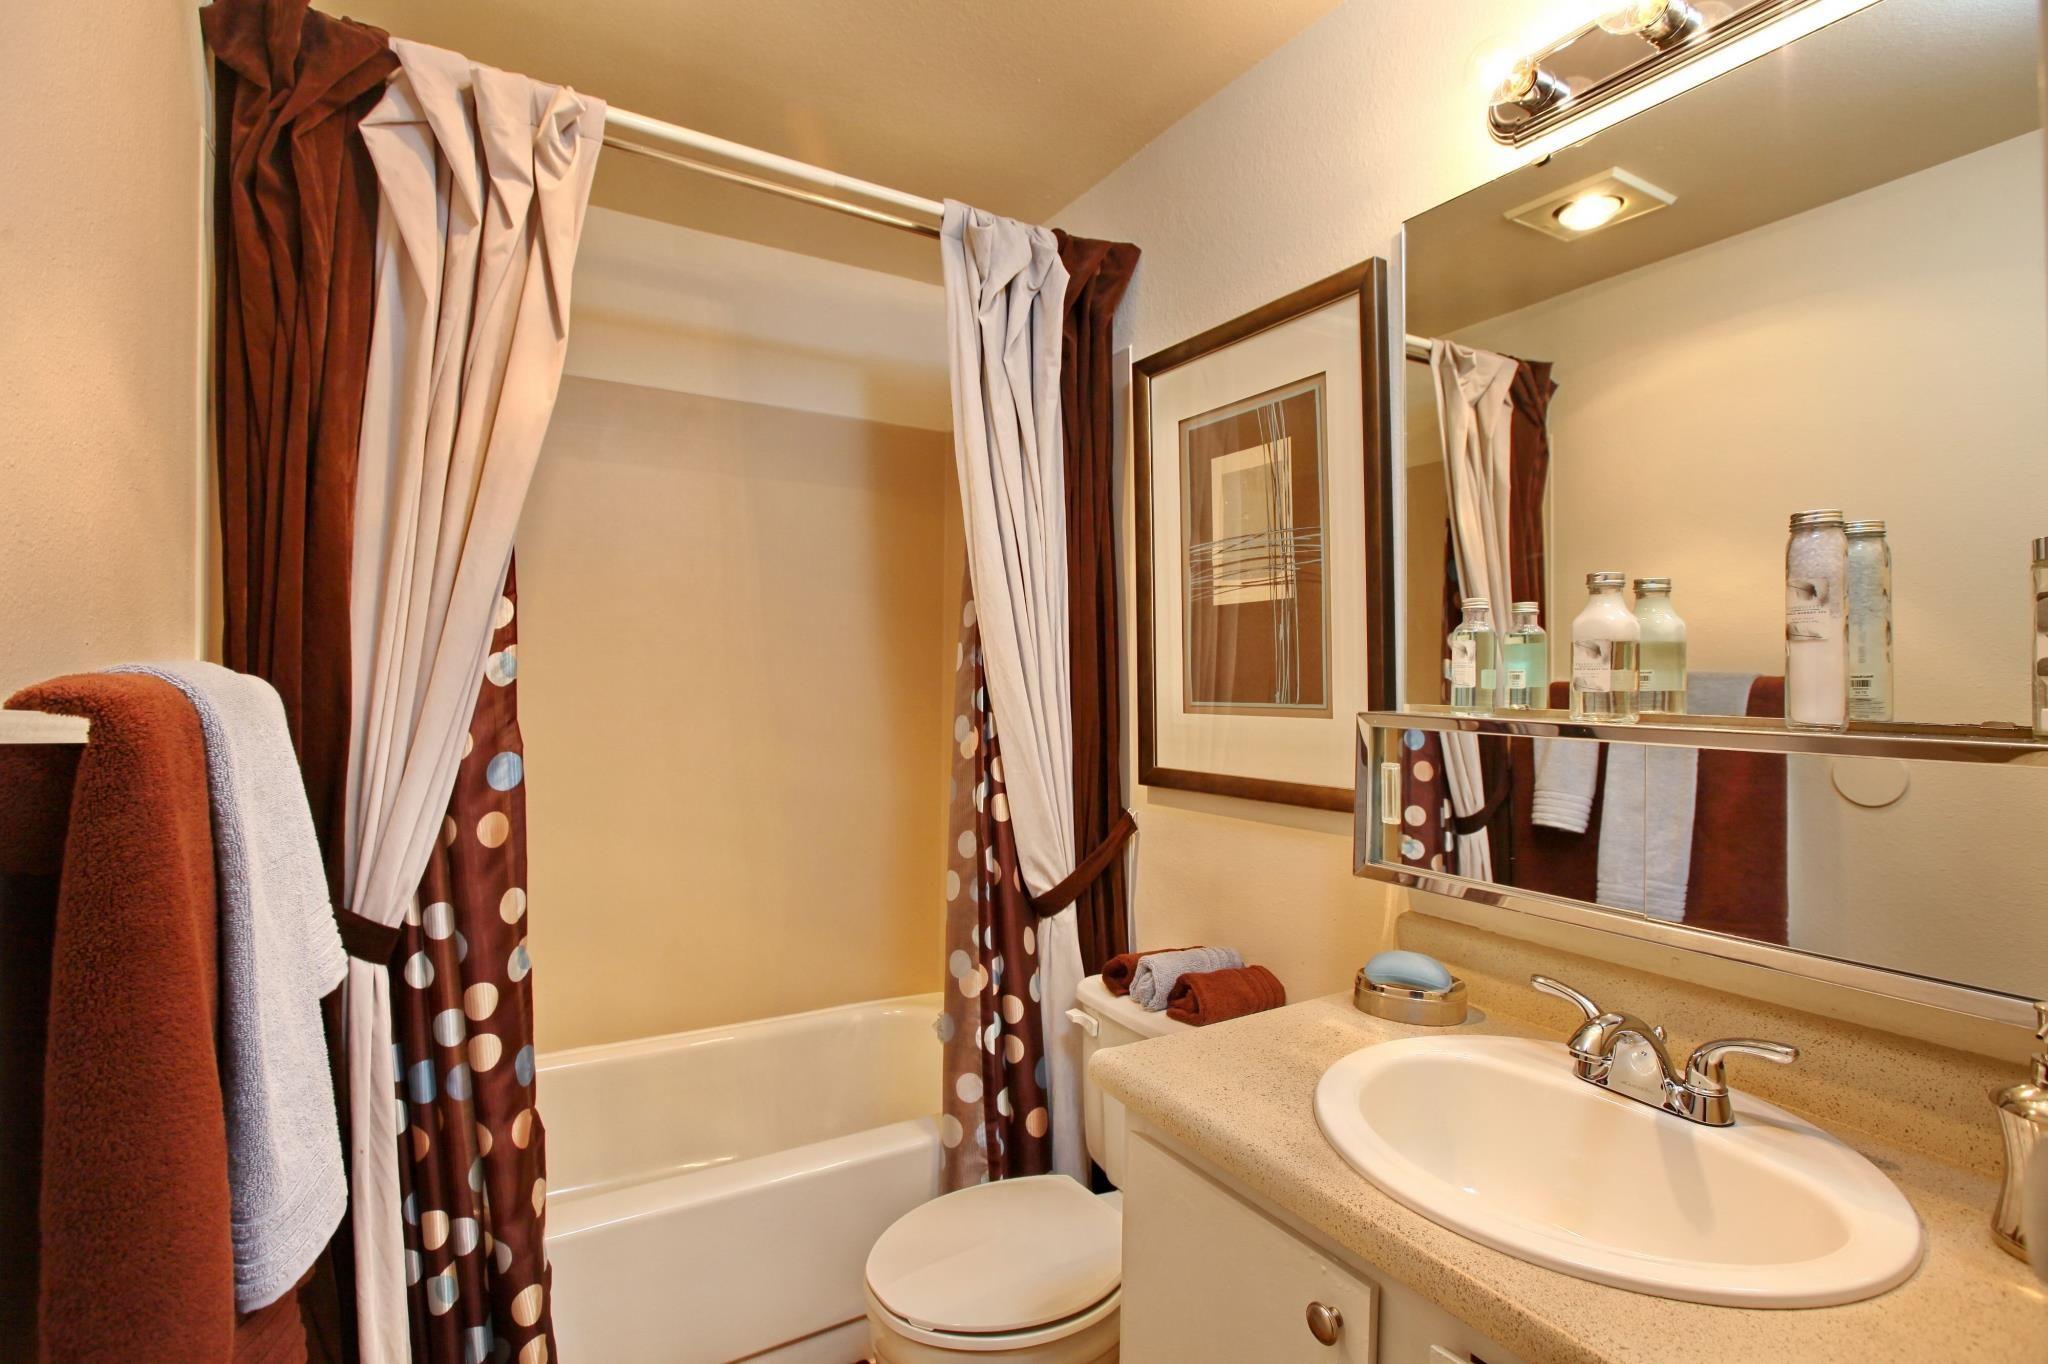 Staged Apartment Bathroom Staged Apartment Bathroom